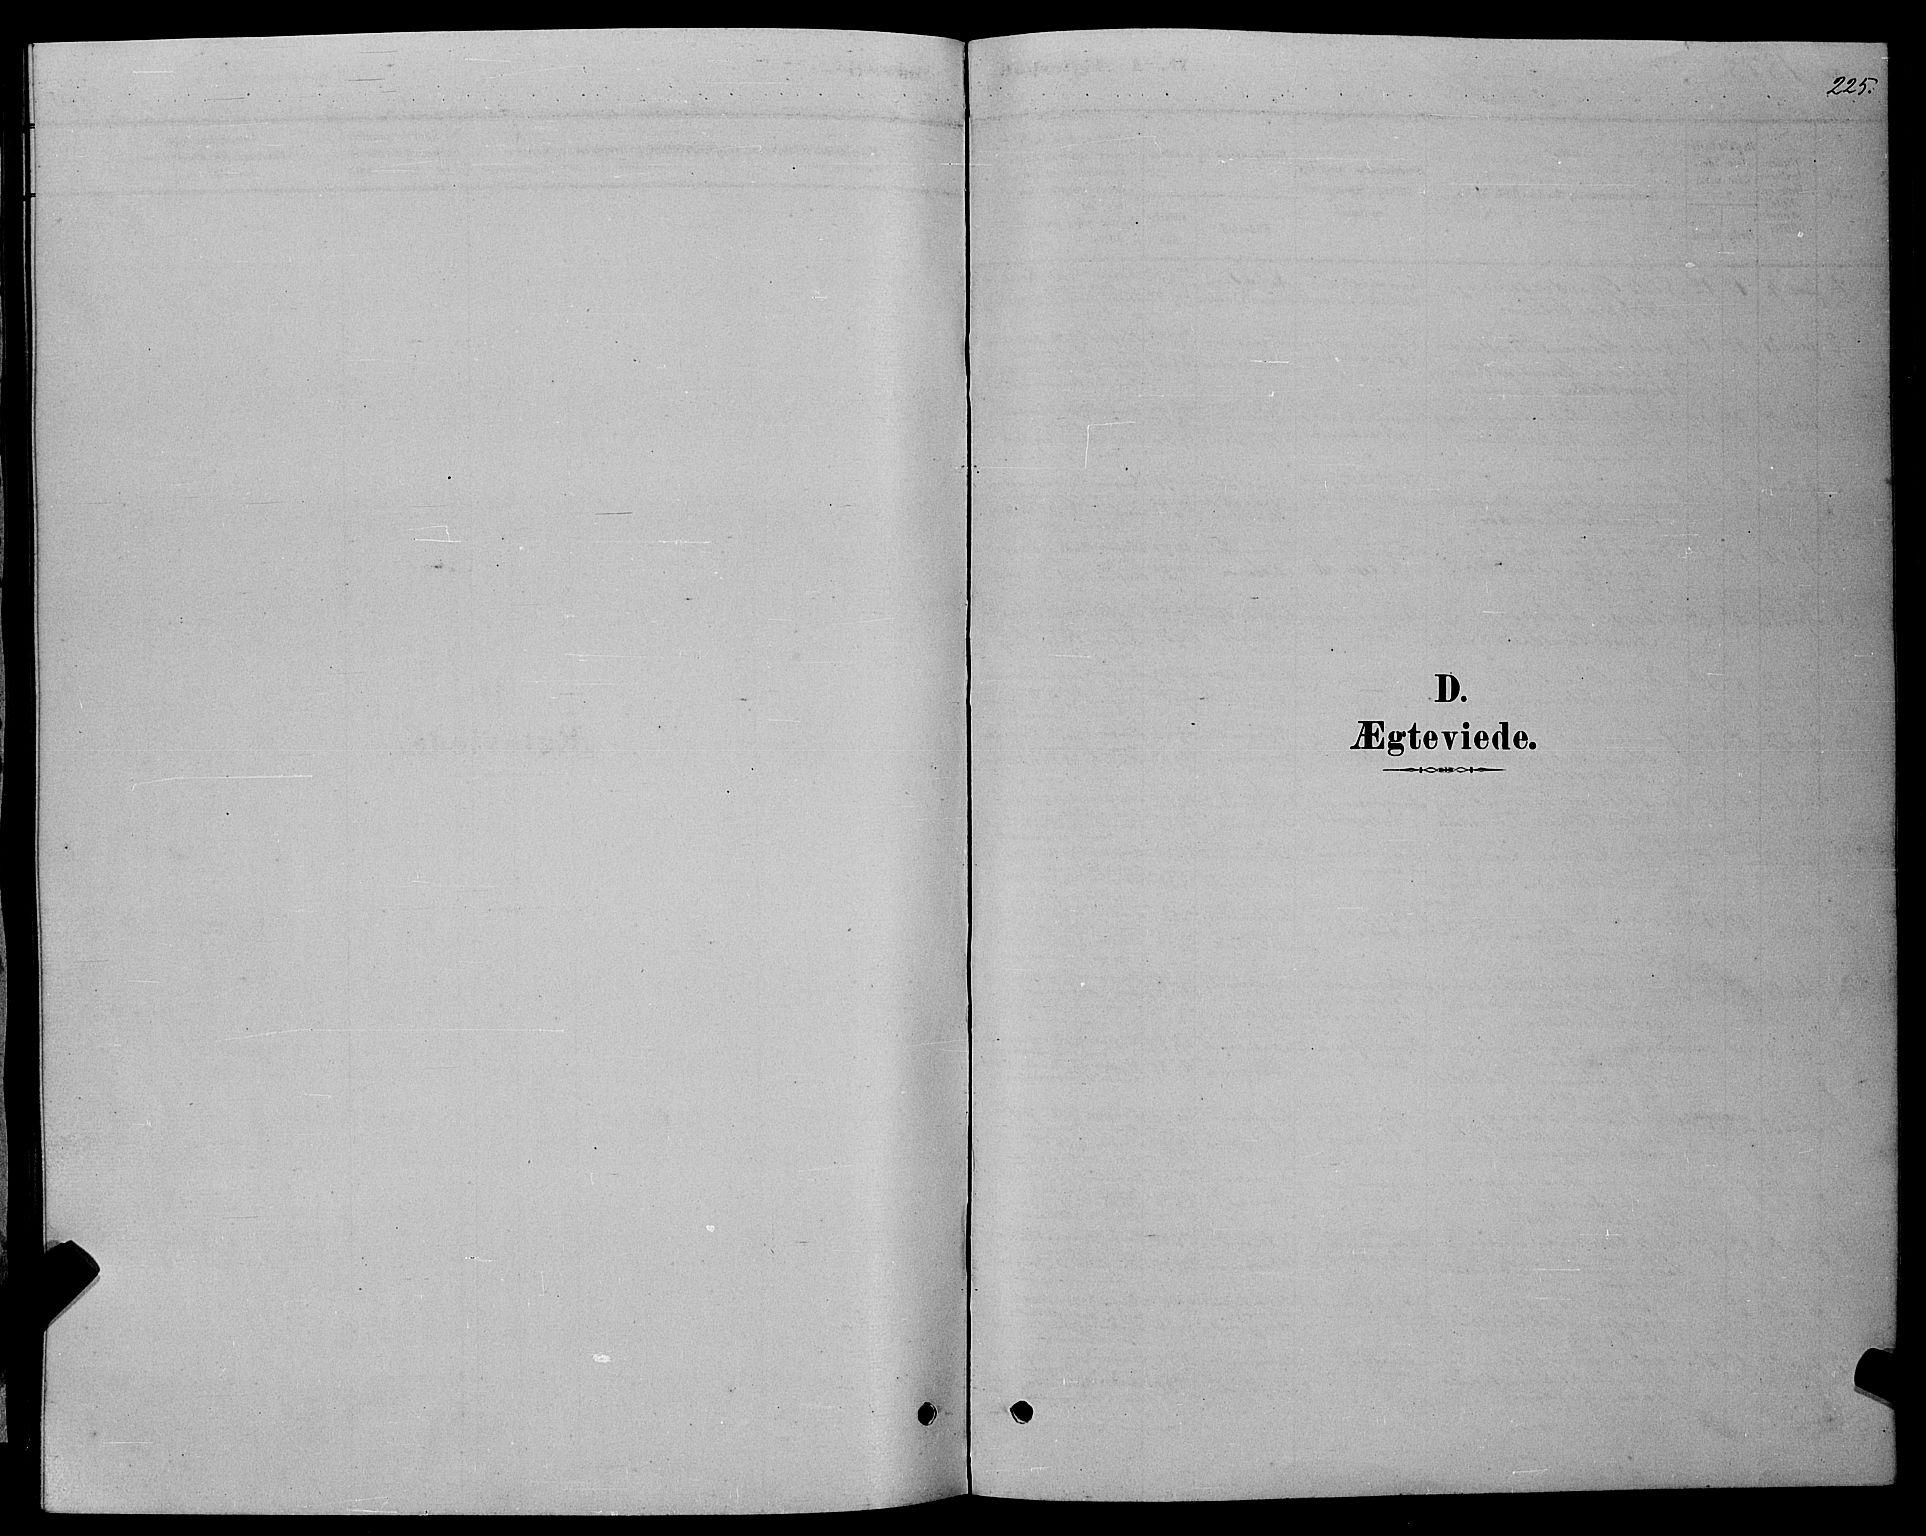 SAT, Ministerialprotokoller, klokkerbøker og fødselsregistre - Møre og Romsdal, 529/L0466: Klokkerbok nr. 529C03, 1878-1888, s. 225